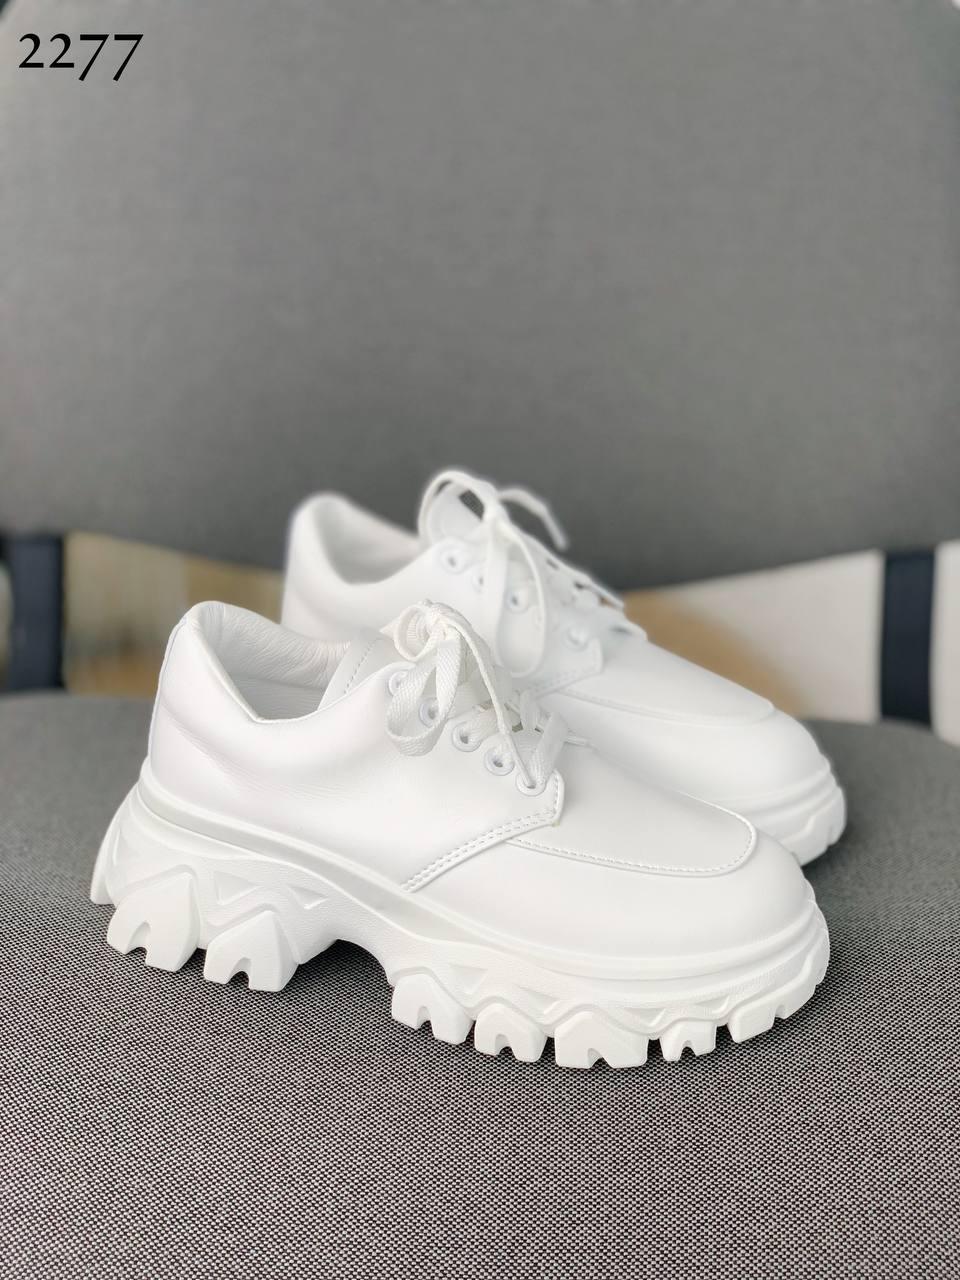 ТОЛЬКО 24 см! Стильные кроссовки женские белые на платформе 6 см эко-кожа